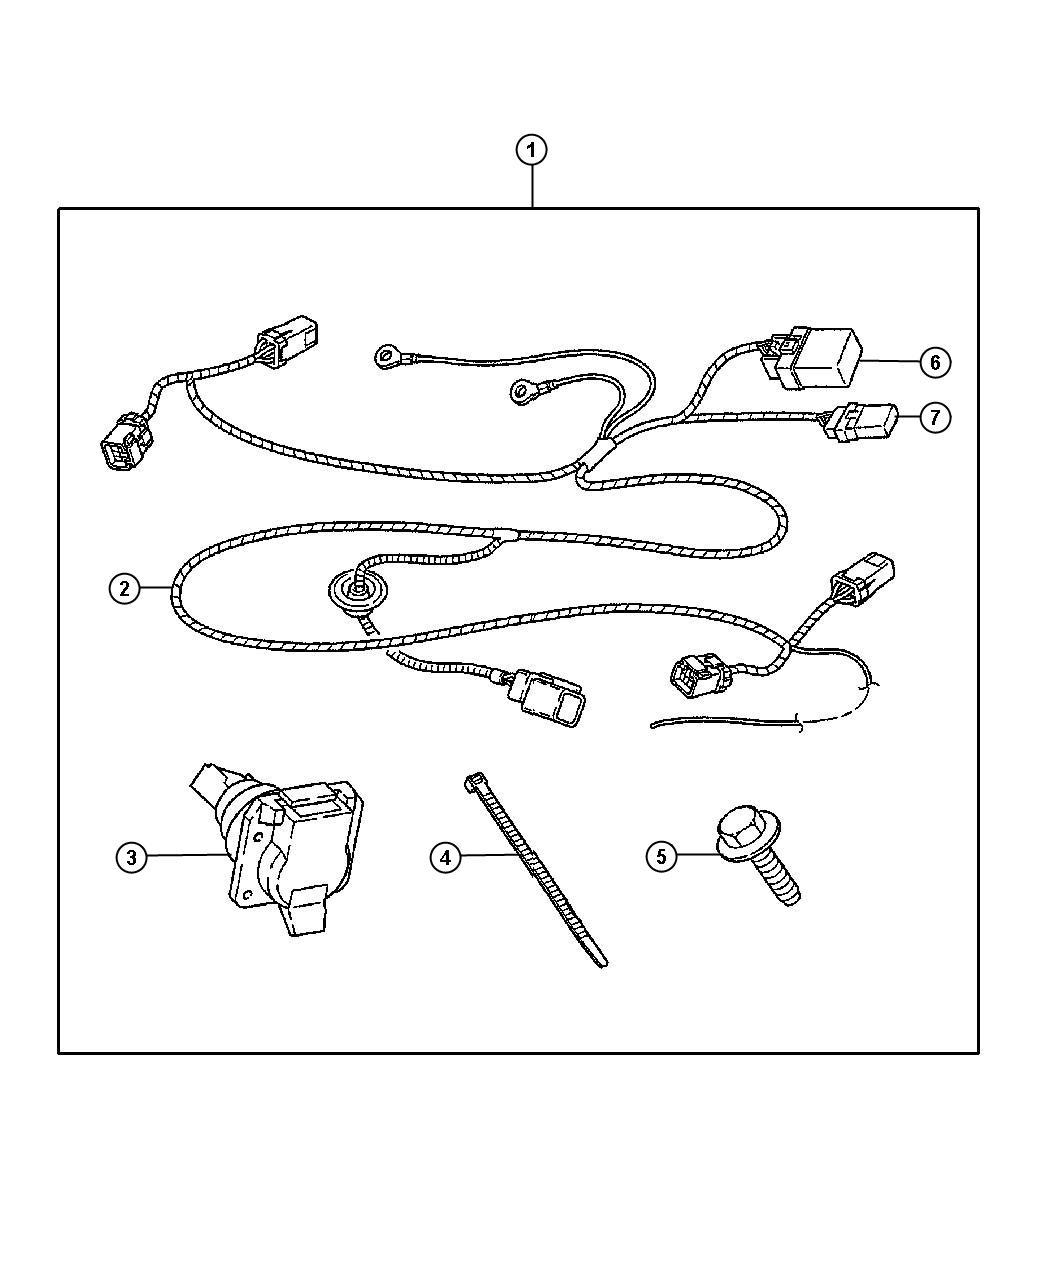 Chrysler 300 Wiring Kit Trailer Tow